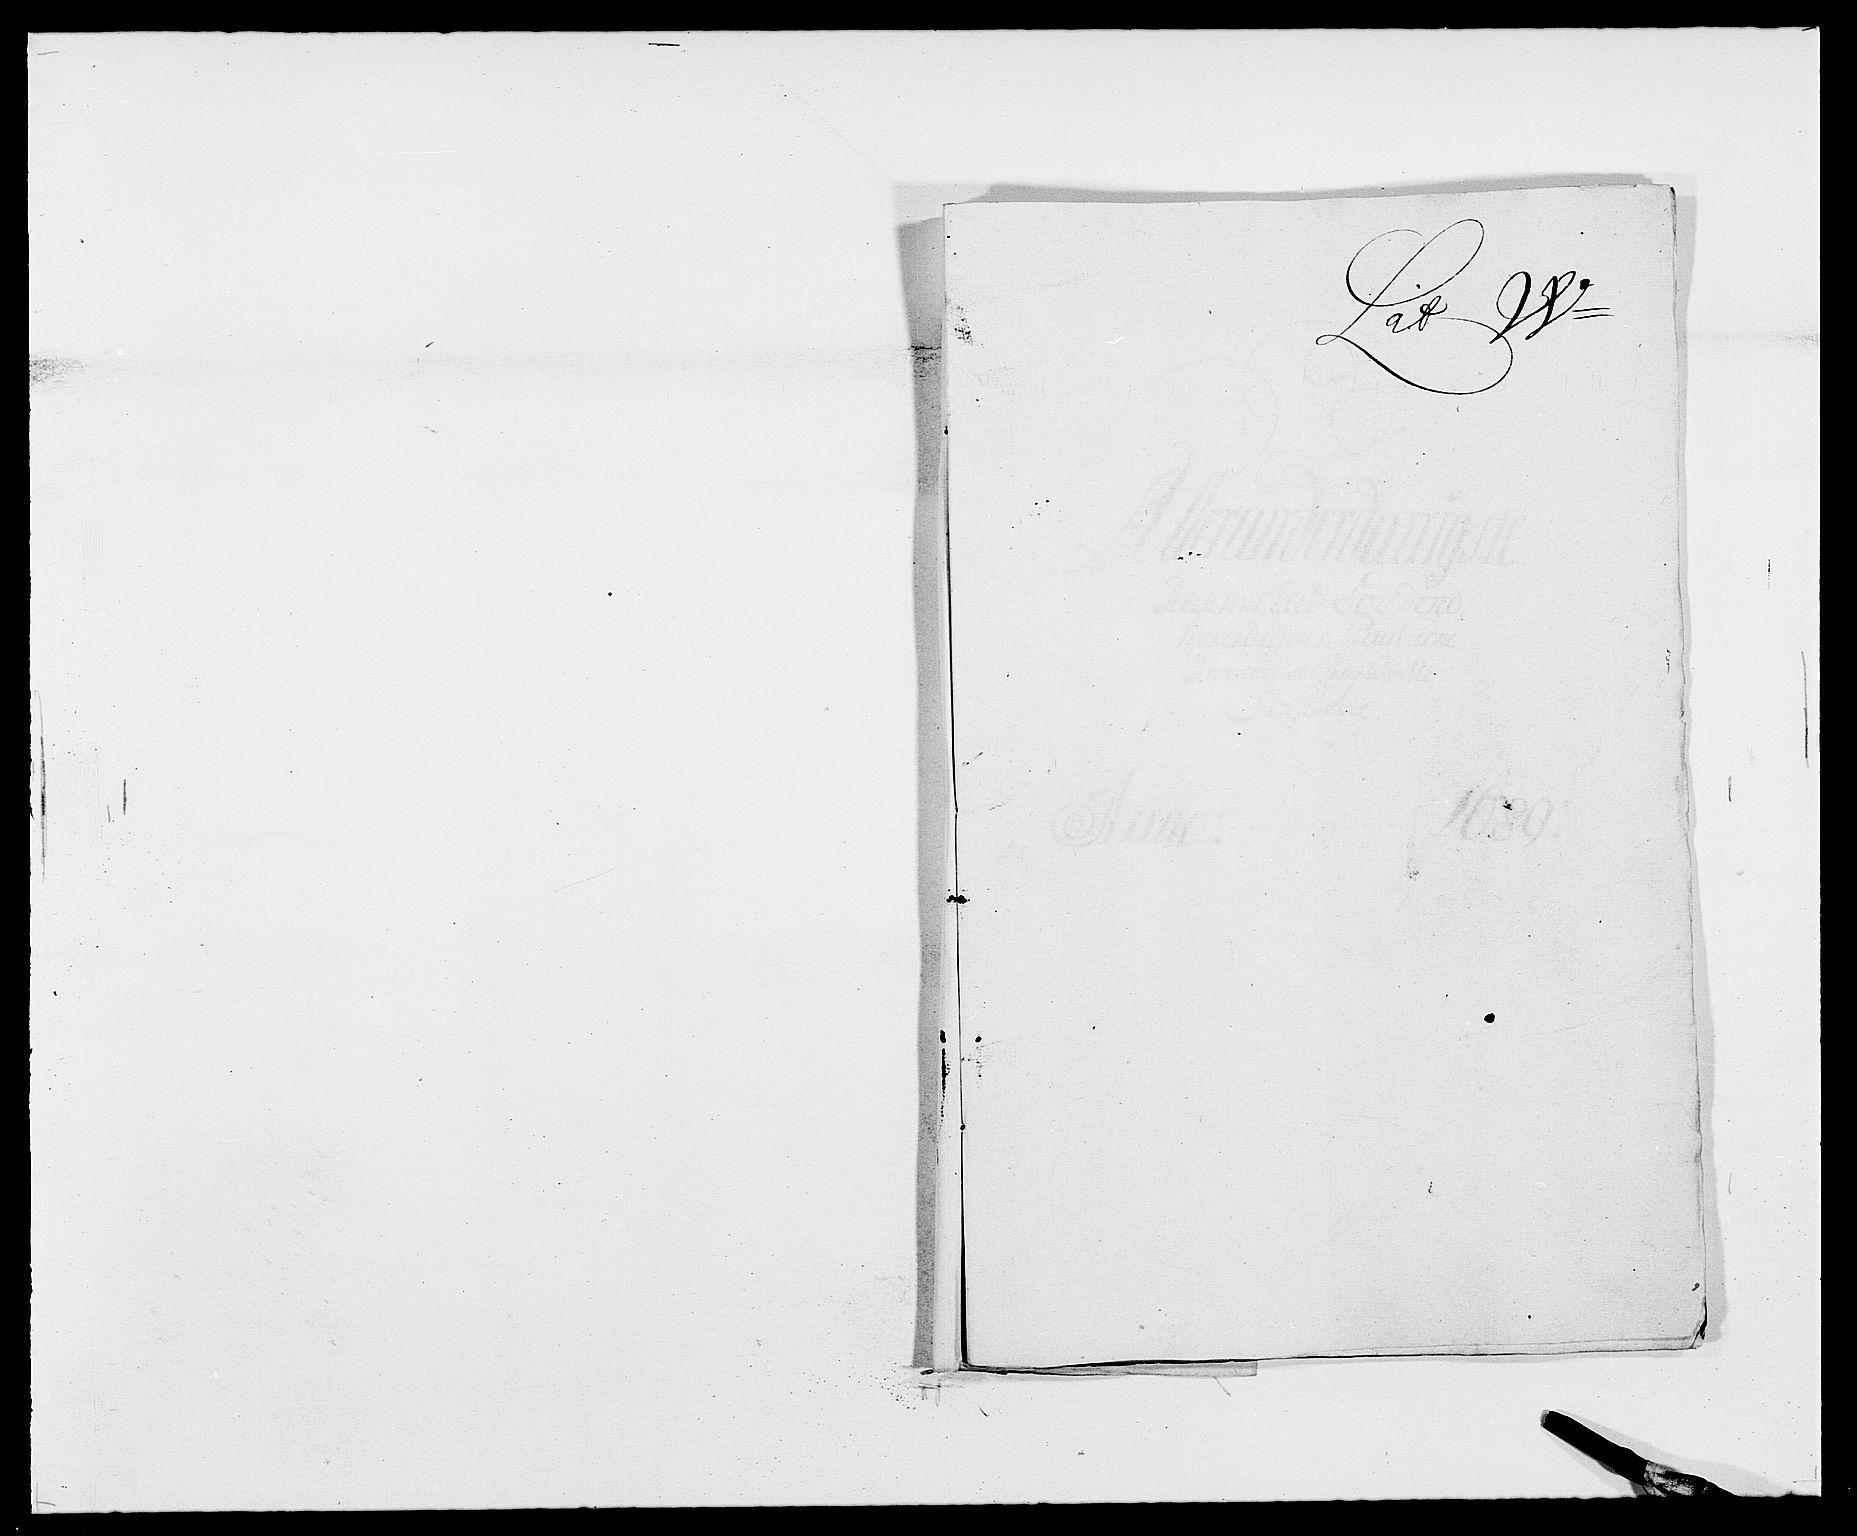 RA, Rentekammeret inntil 1814, Reviderte regnskaper, Fogderegnskap, R34/L2050: Fogderegnskap Bamble, 1688-1691, s. 382